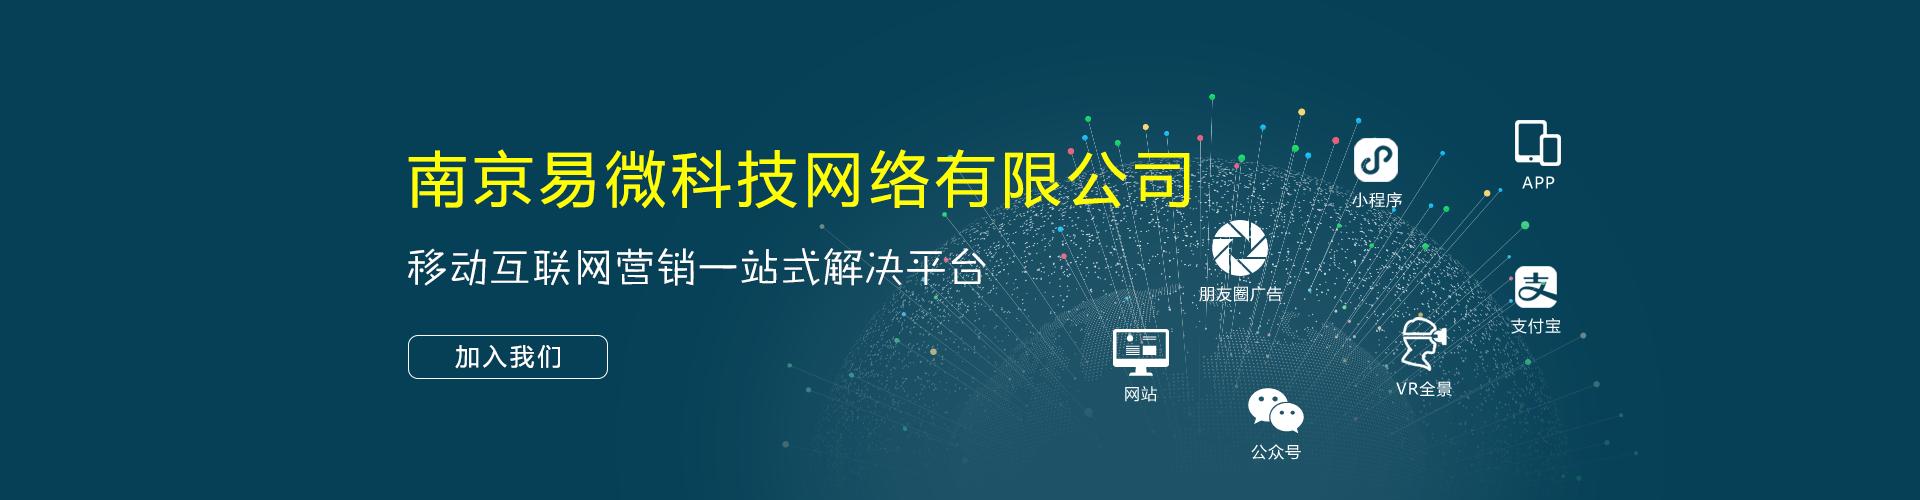 南京易微网络科技有限公司